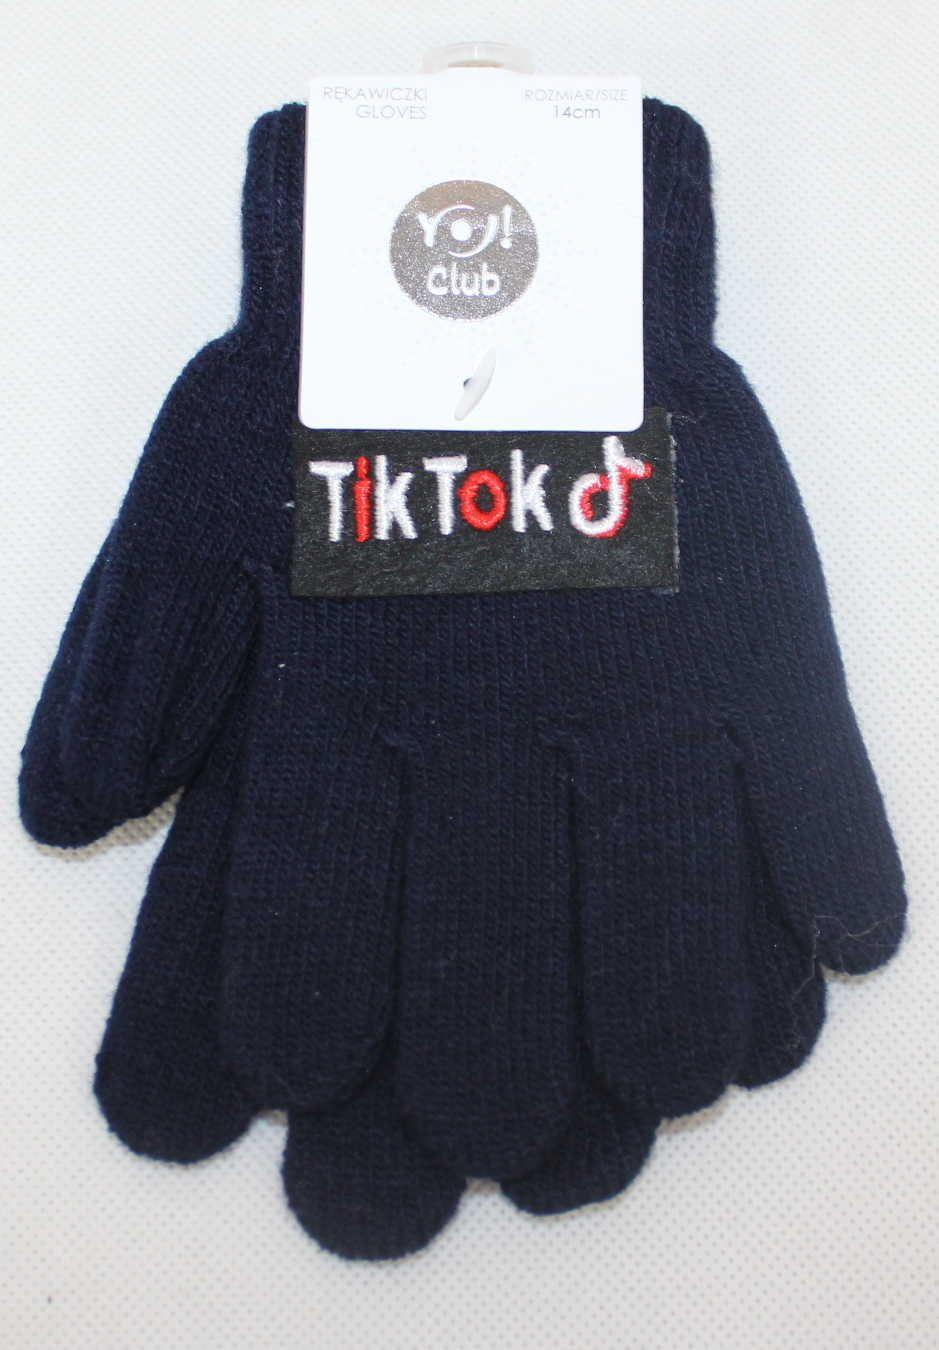 TIK TOK dětské prstové rukavice, TIK TOK úpletové rukavice, dívčí tik tok rukavice, chlapecké prstové rukavice TIK TOK